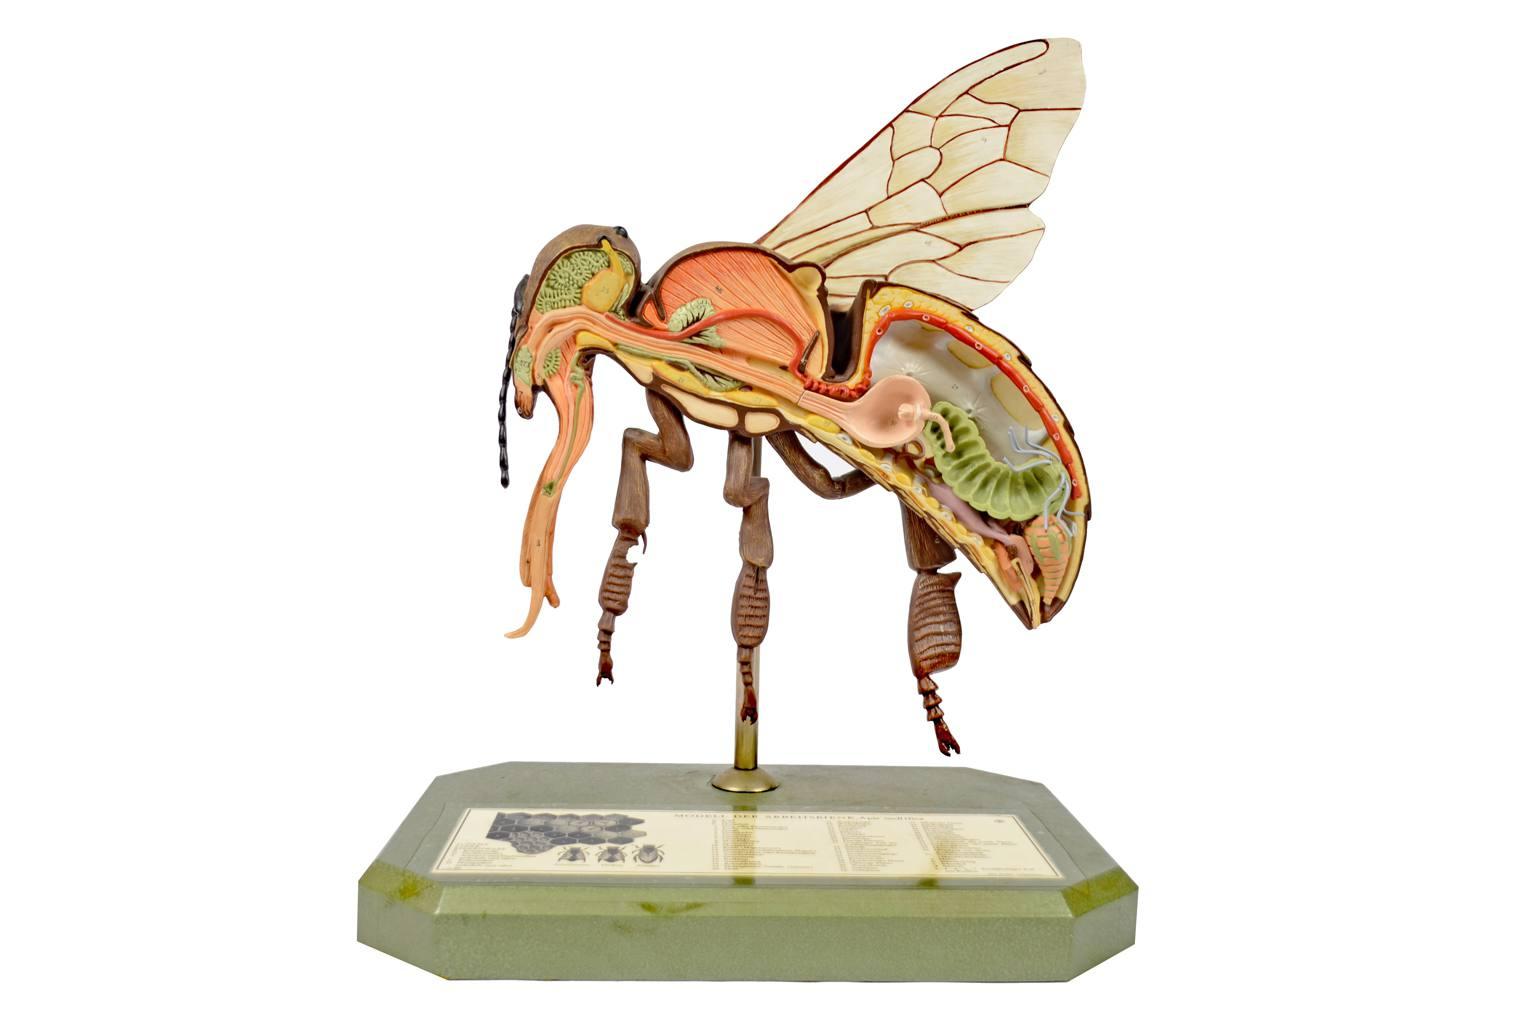 Storia naturale/6296-Modello ape